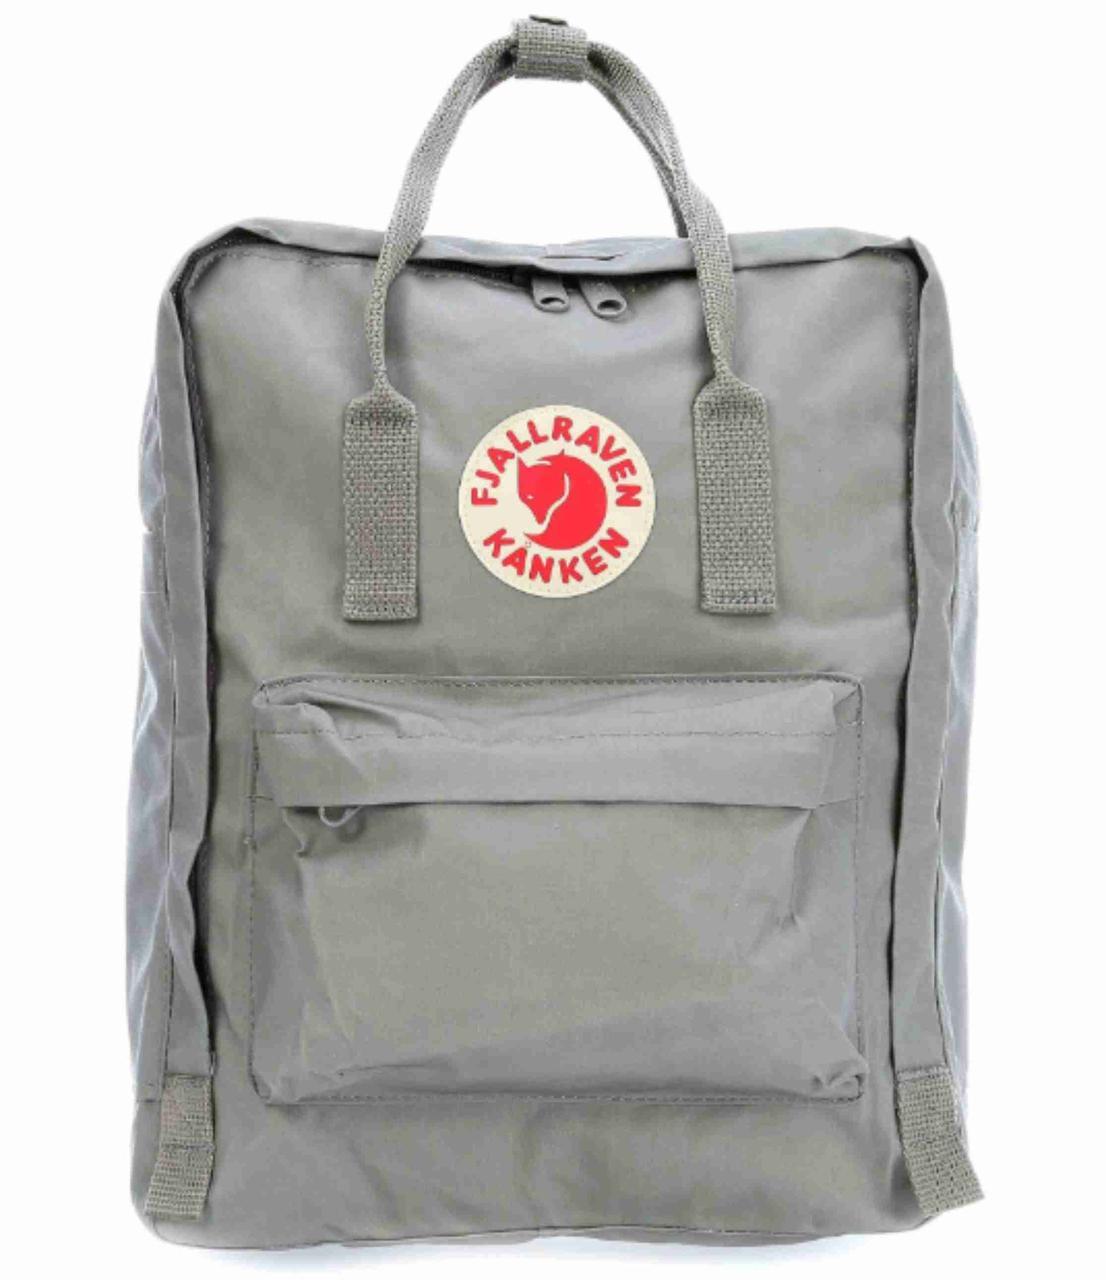 Рюкзак Fjallraven Kanken Classic. Вместительный рюкзак. Рюкзаки Канкен. Рюкзак Шведский Канкен. Серый